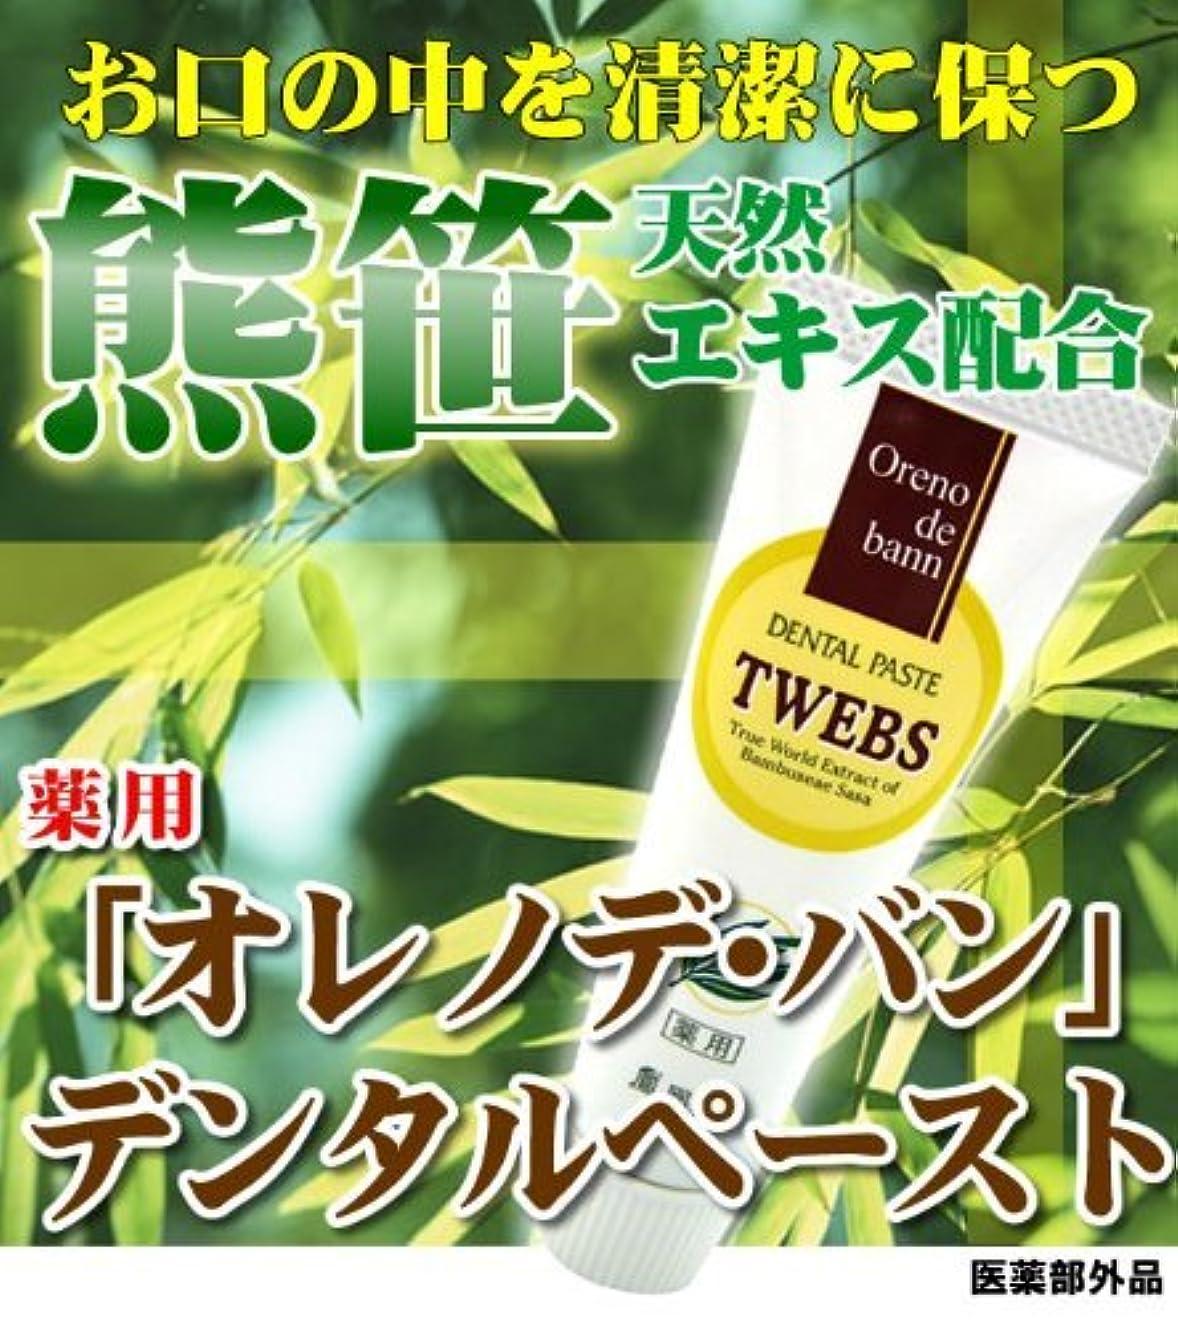 疎外する変化する第薬用オレノデ?バン デンタルペースト(クマザサ歯磨き粉) 40g×3個セット